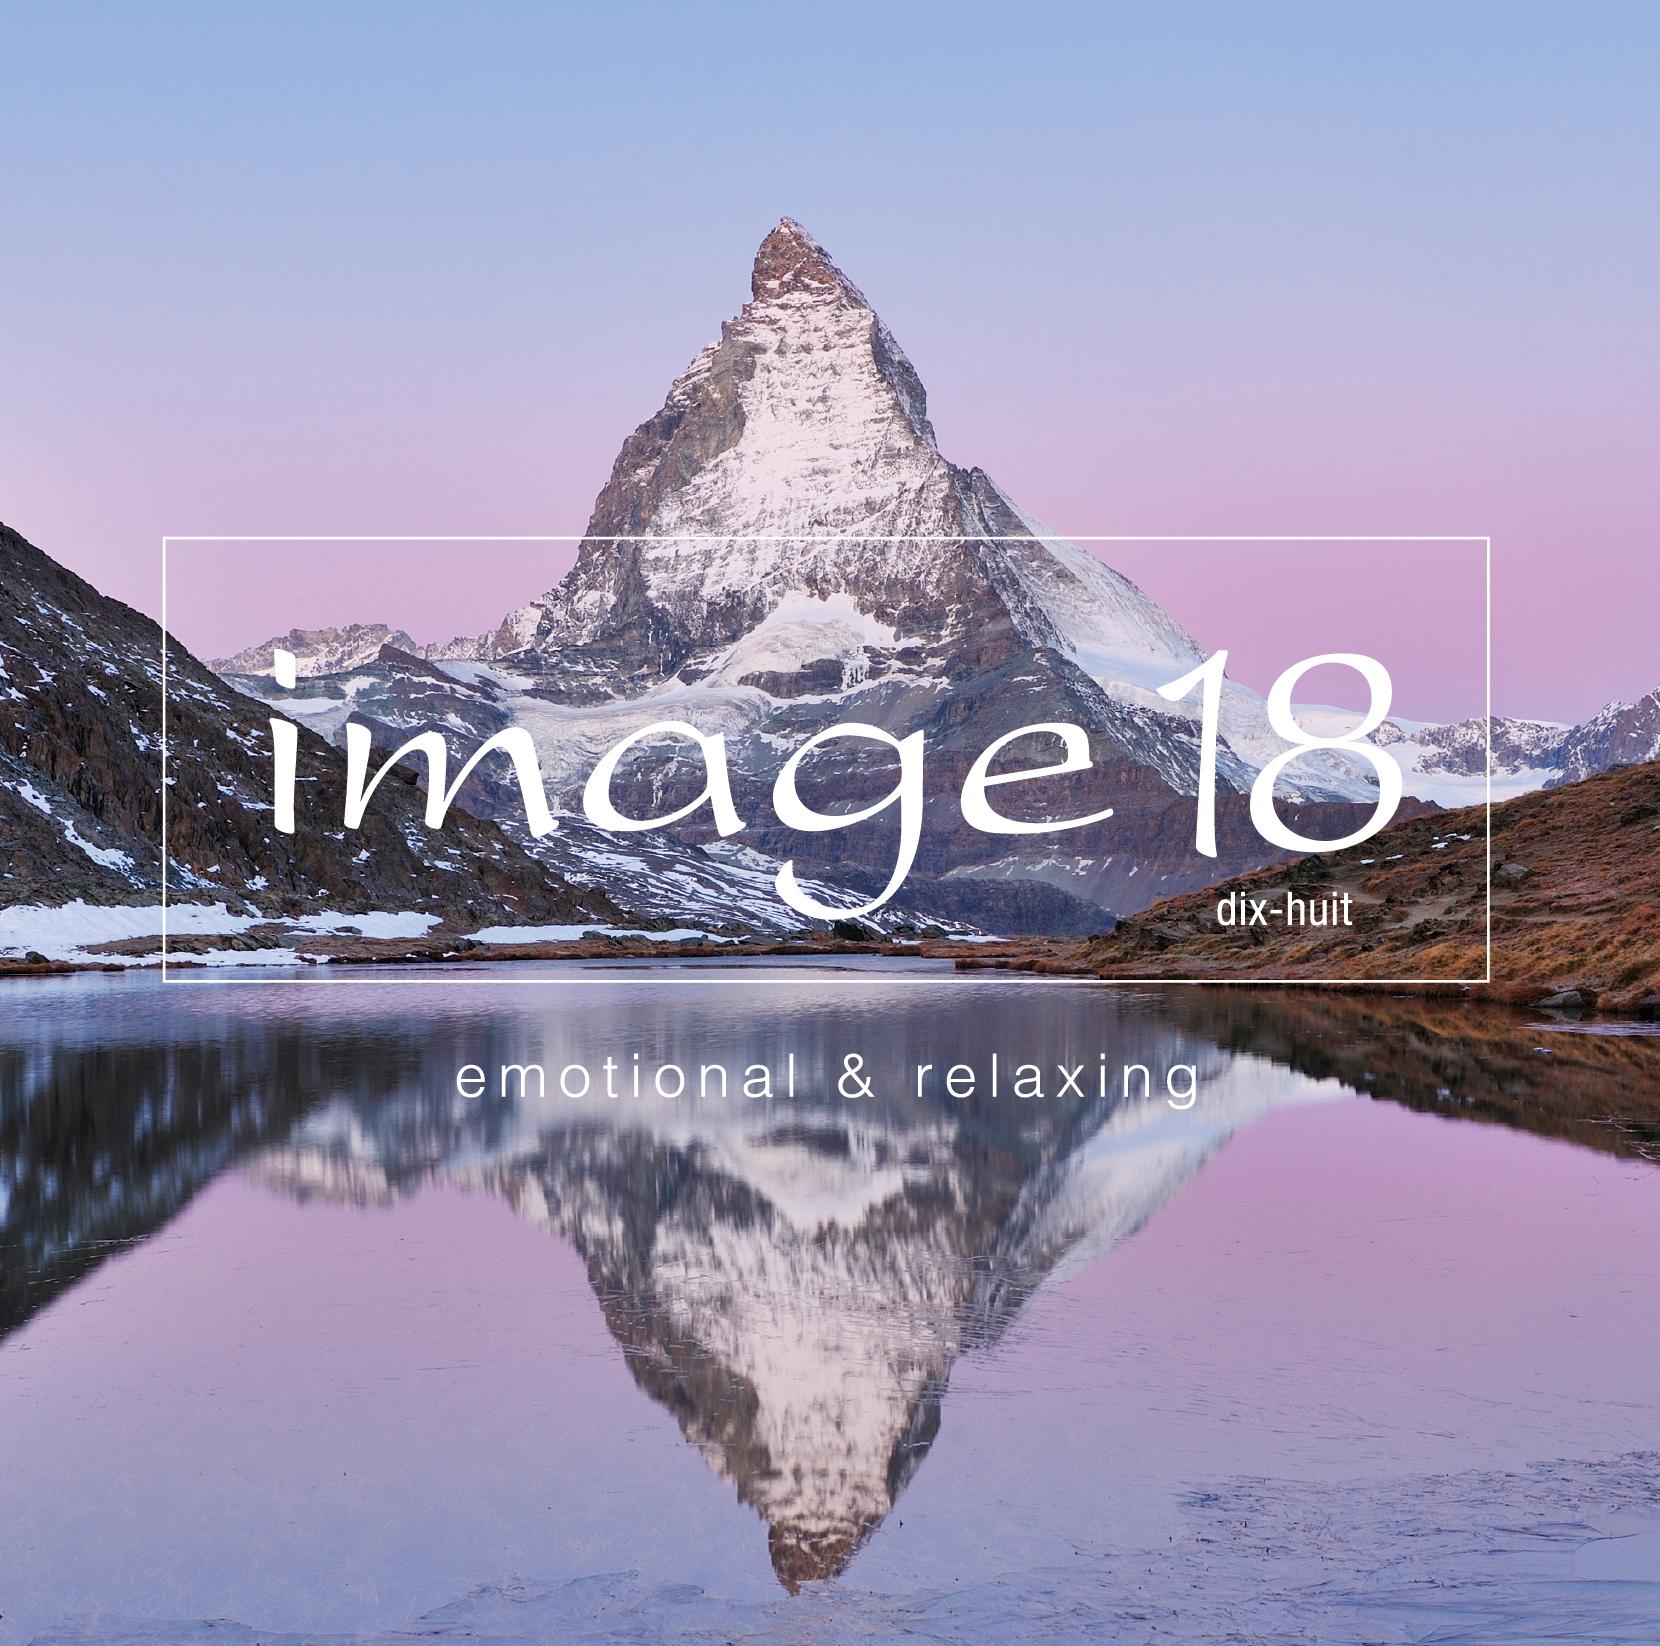 image 18 dix-huit